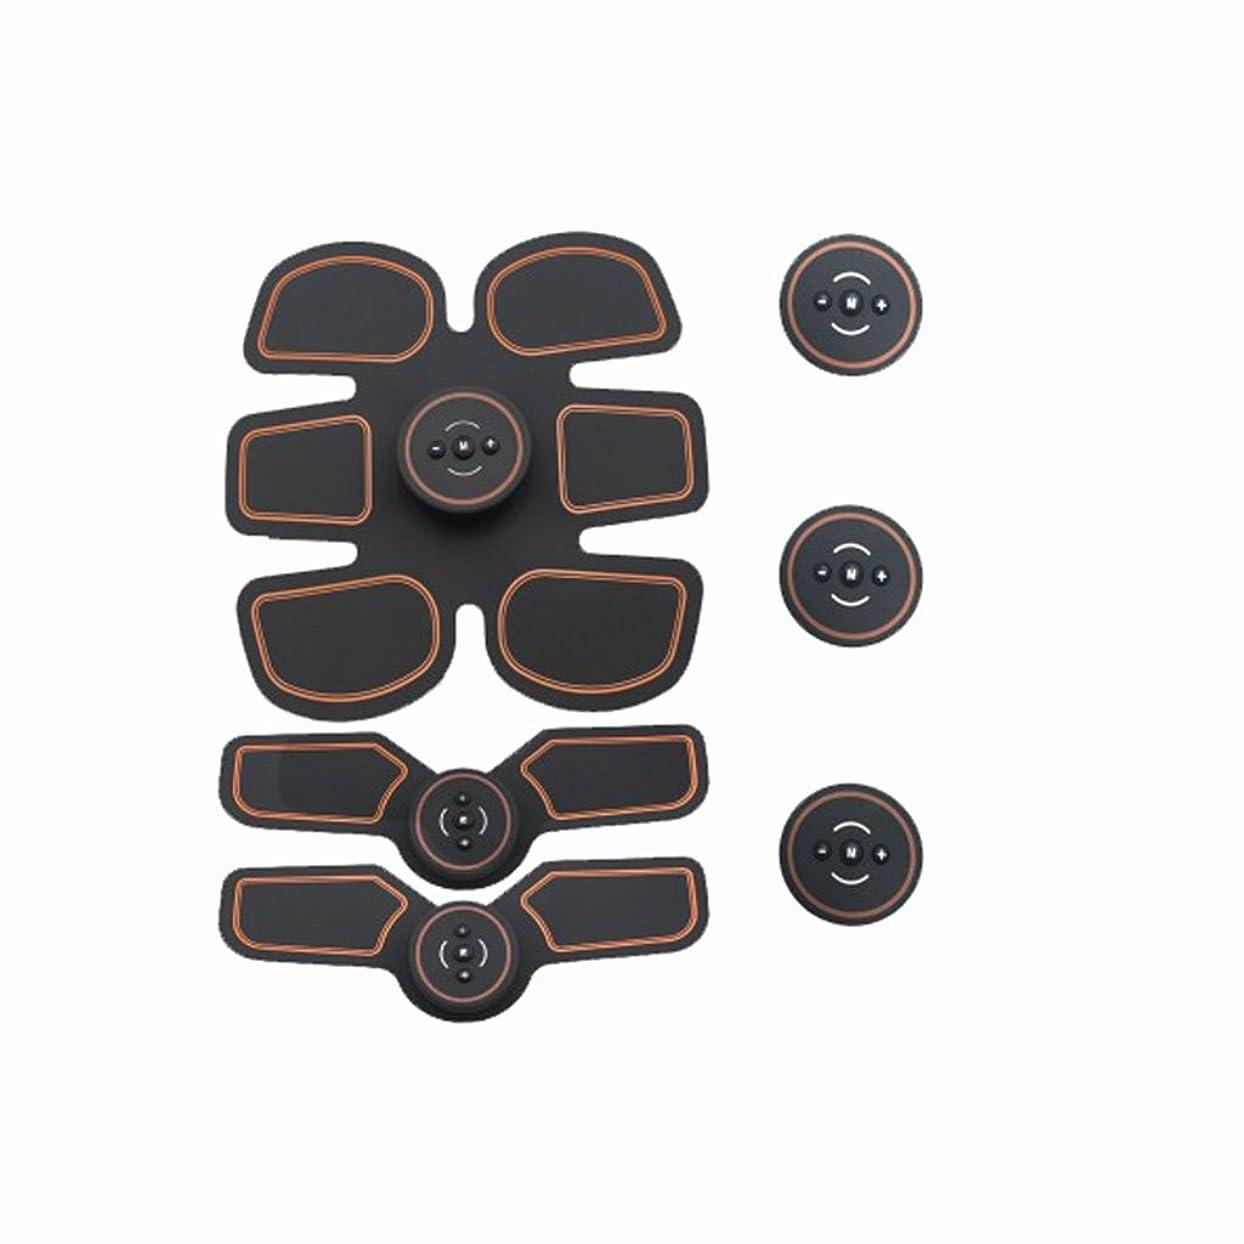 ヒール引き算典型的なGBR- EMSベルトジムをスリミングする充電式筋肉トレーニング用刺激装置専門のマッサージ腹部ユニセックスフィットネスAbトナー用品